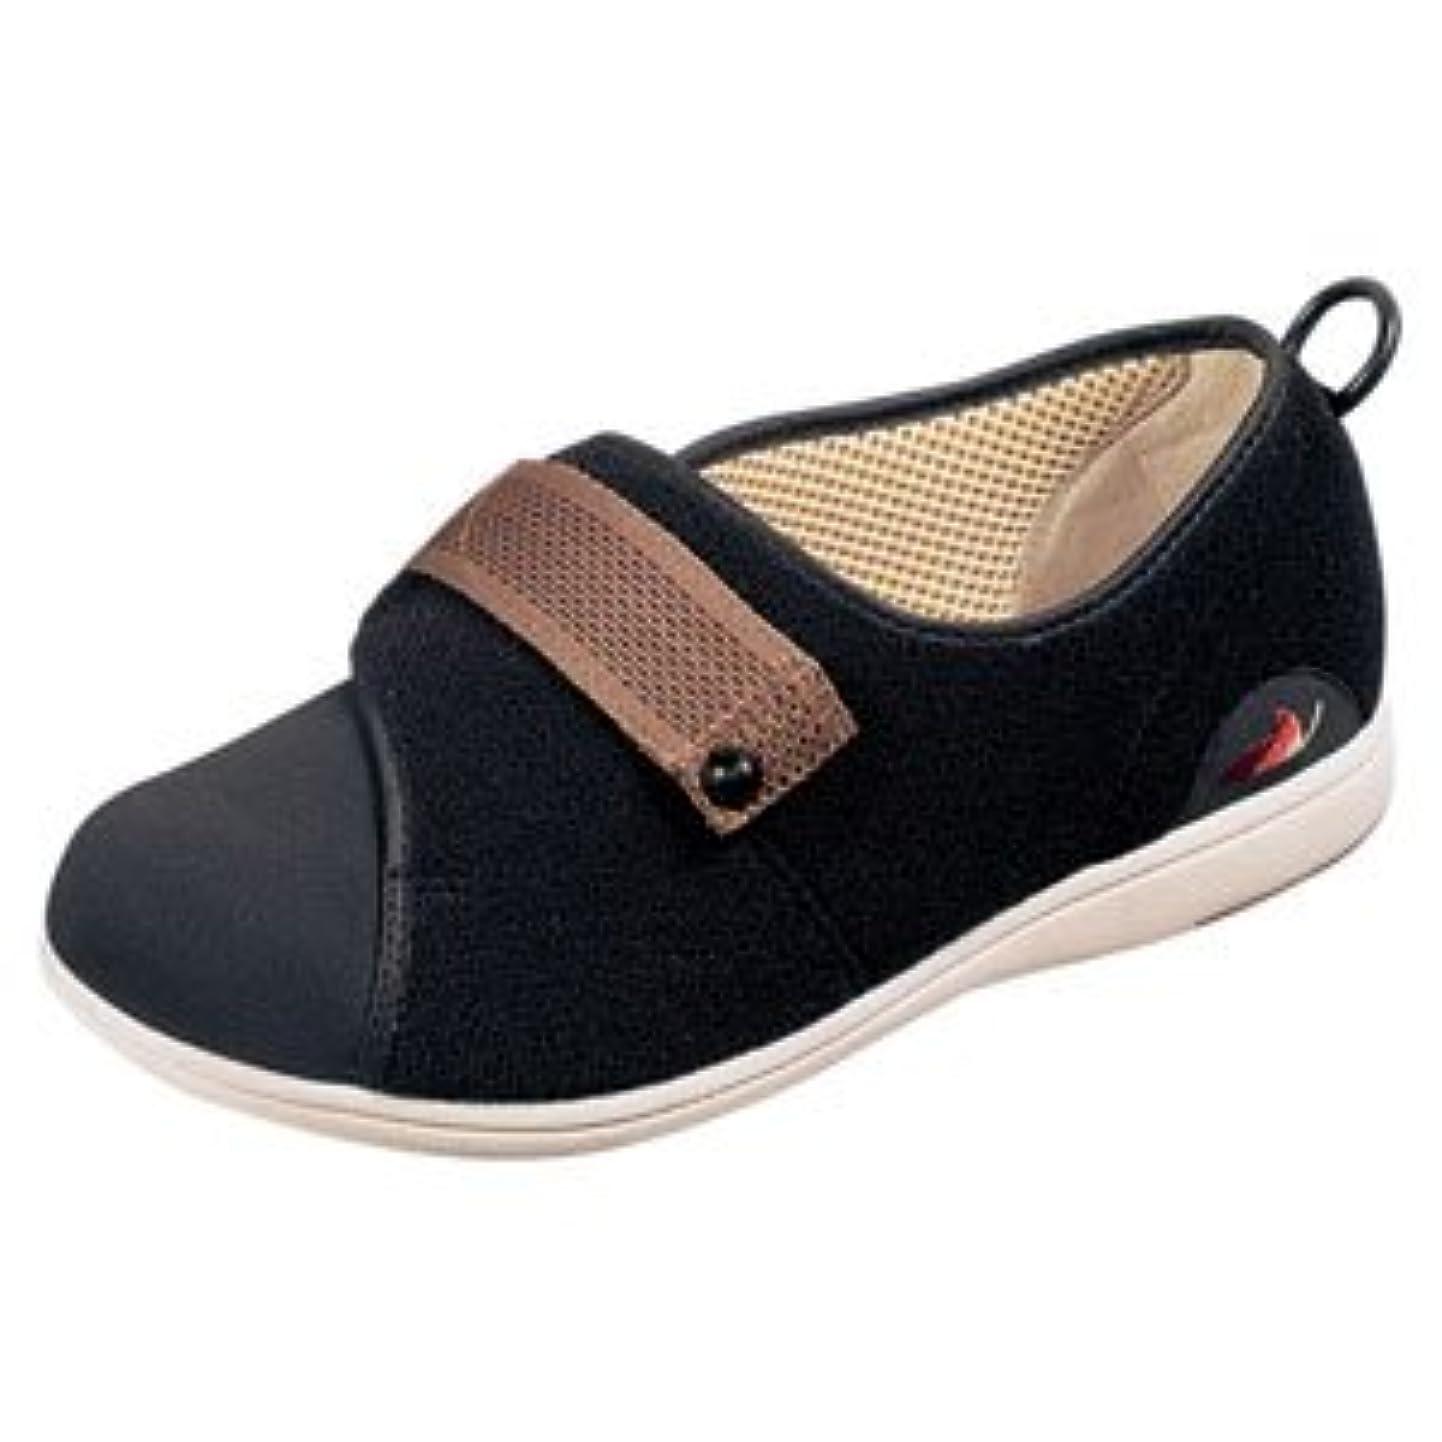 分解する照らすピーブ[ムーンスター] スニーカー (パステル405) メンズ/レディース リハビリ 介護靴 デイケアタイプ シューズ 靴 お取り寄せ商品ブラック24.0cm